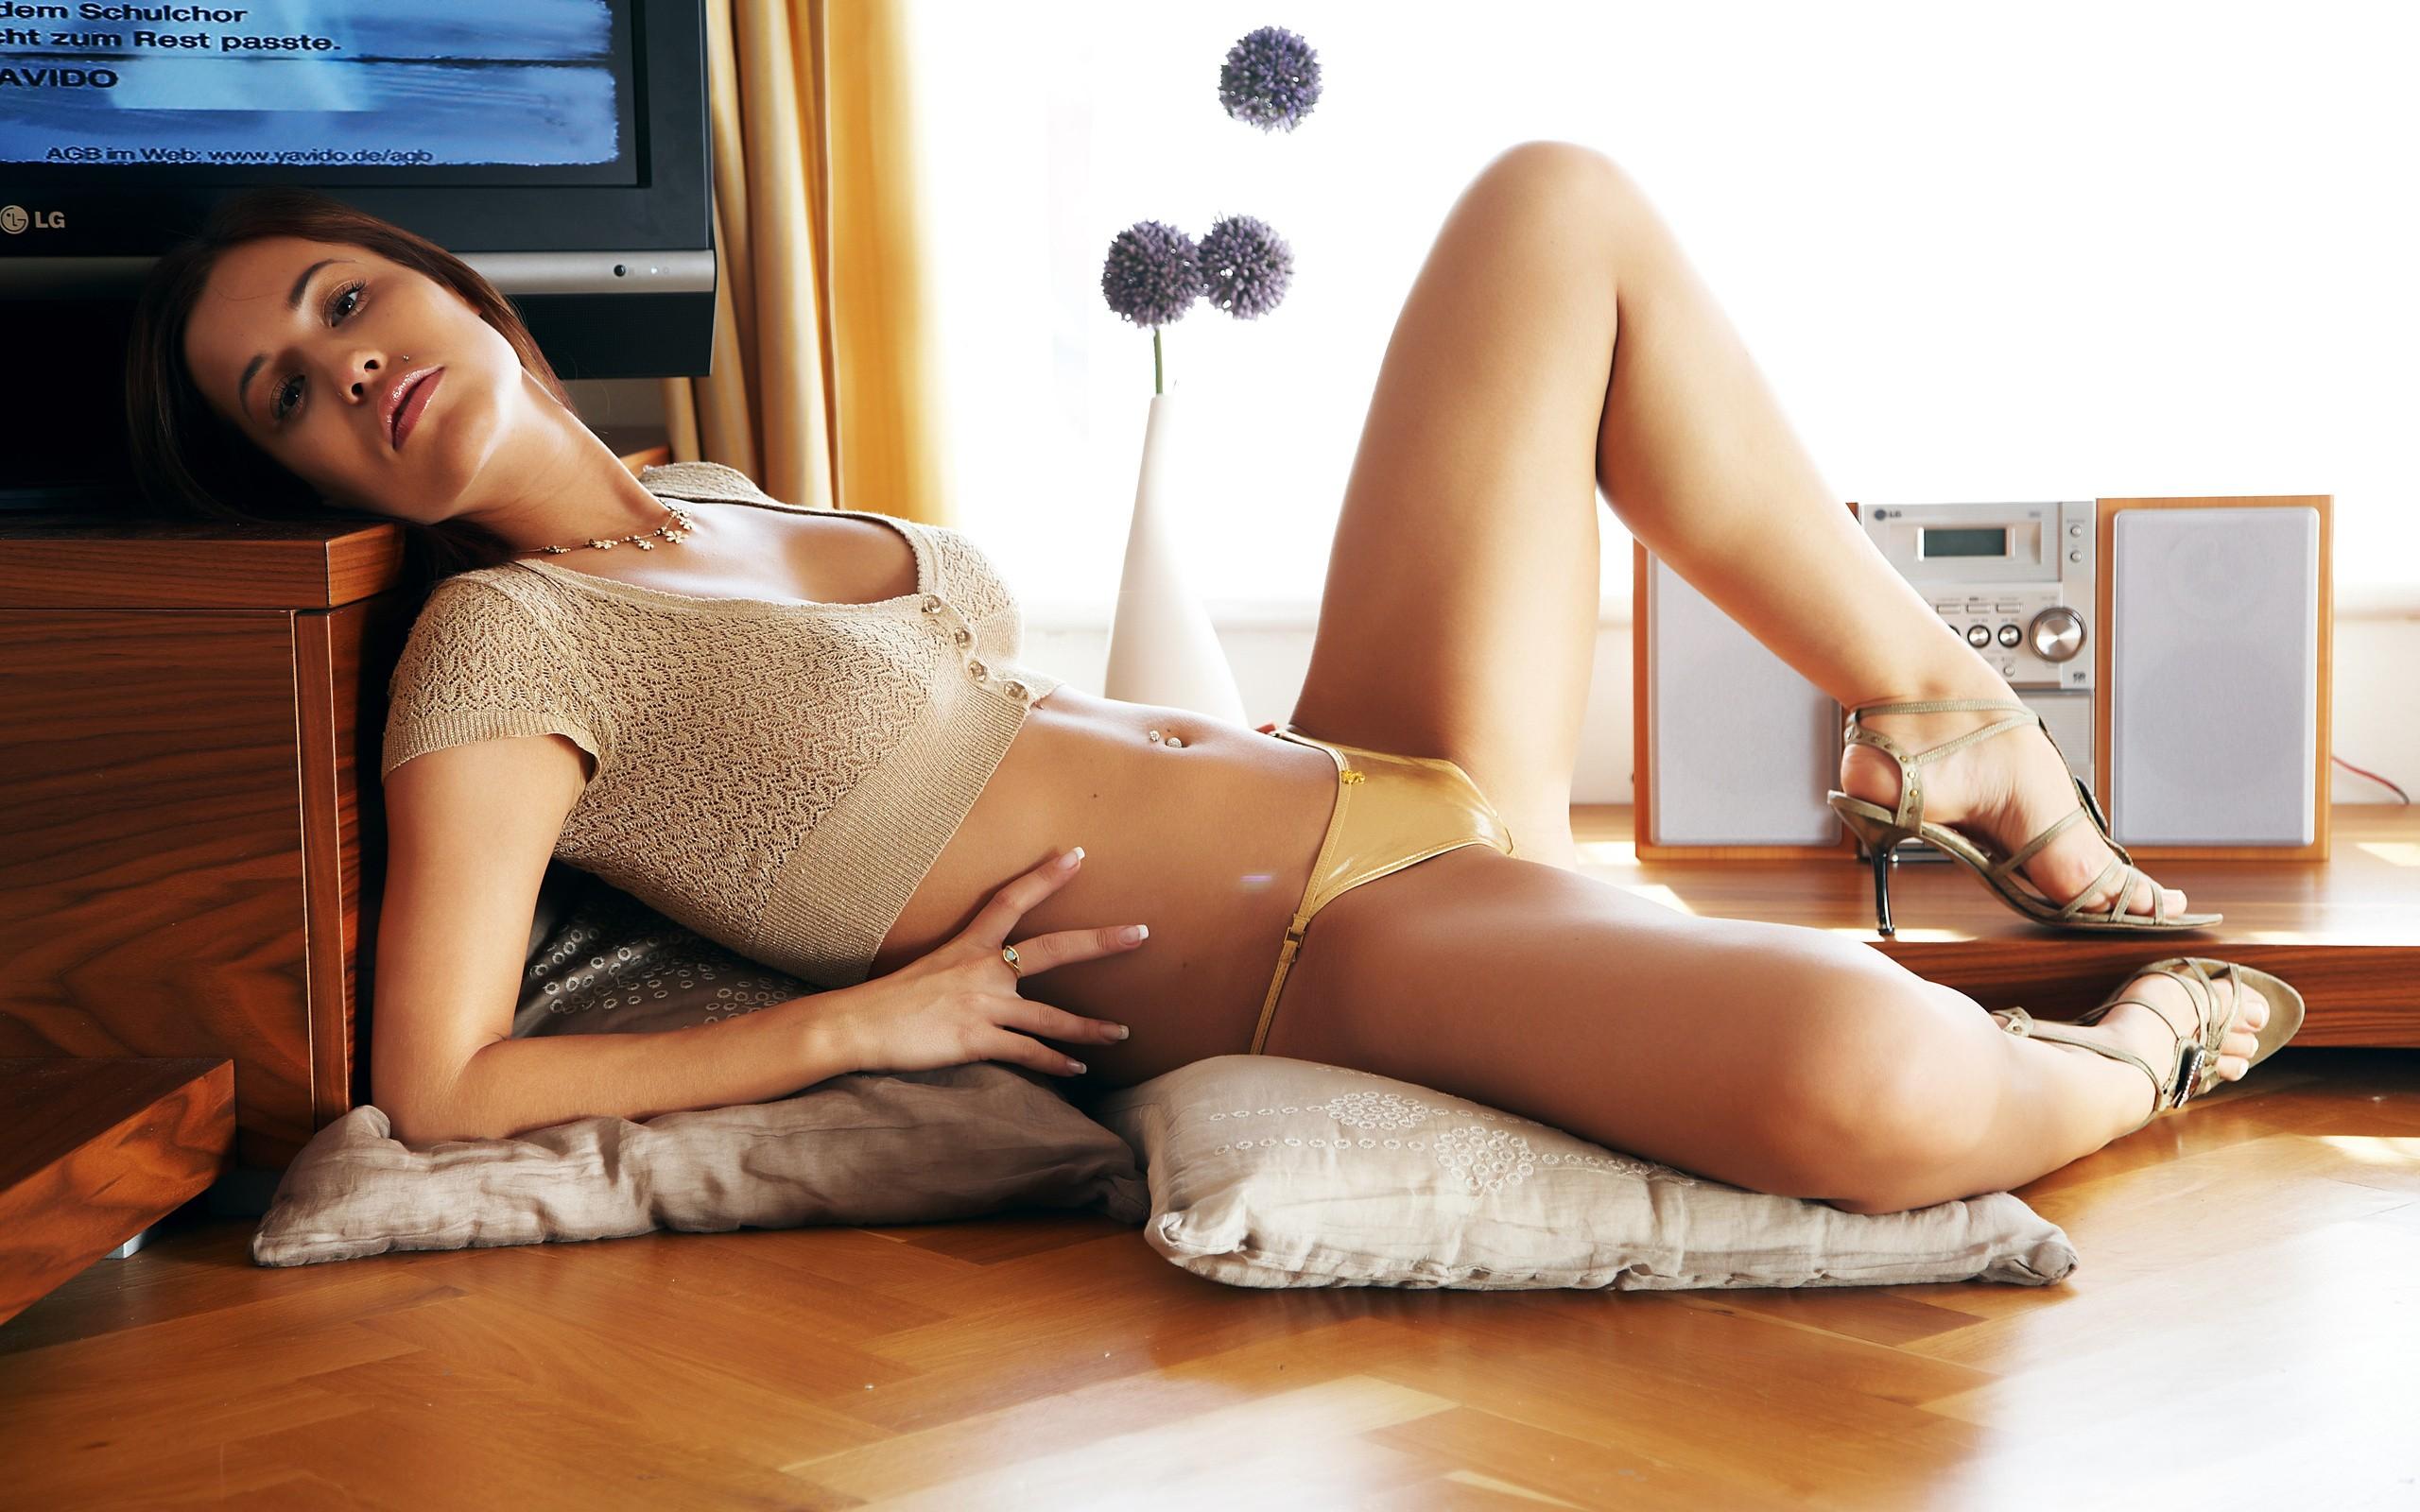 Порно фото сделанные скрытой камерой